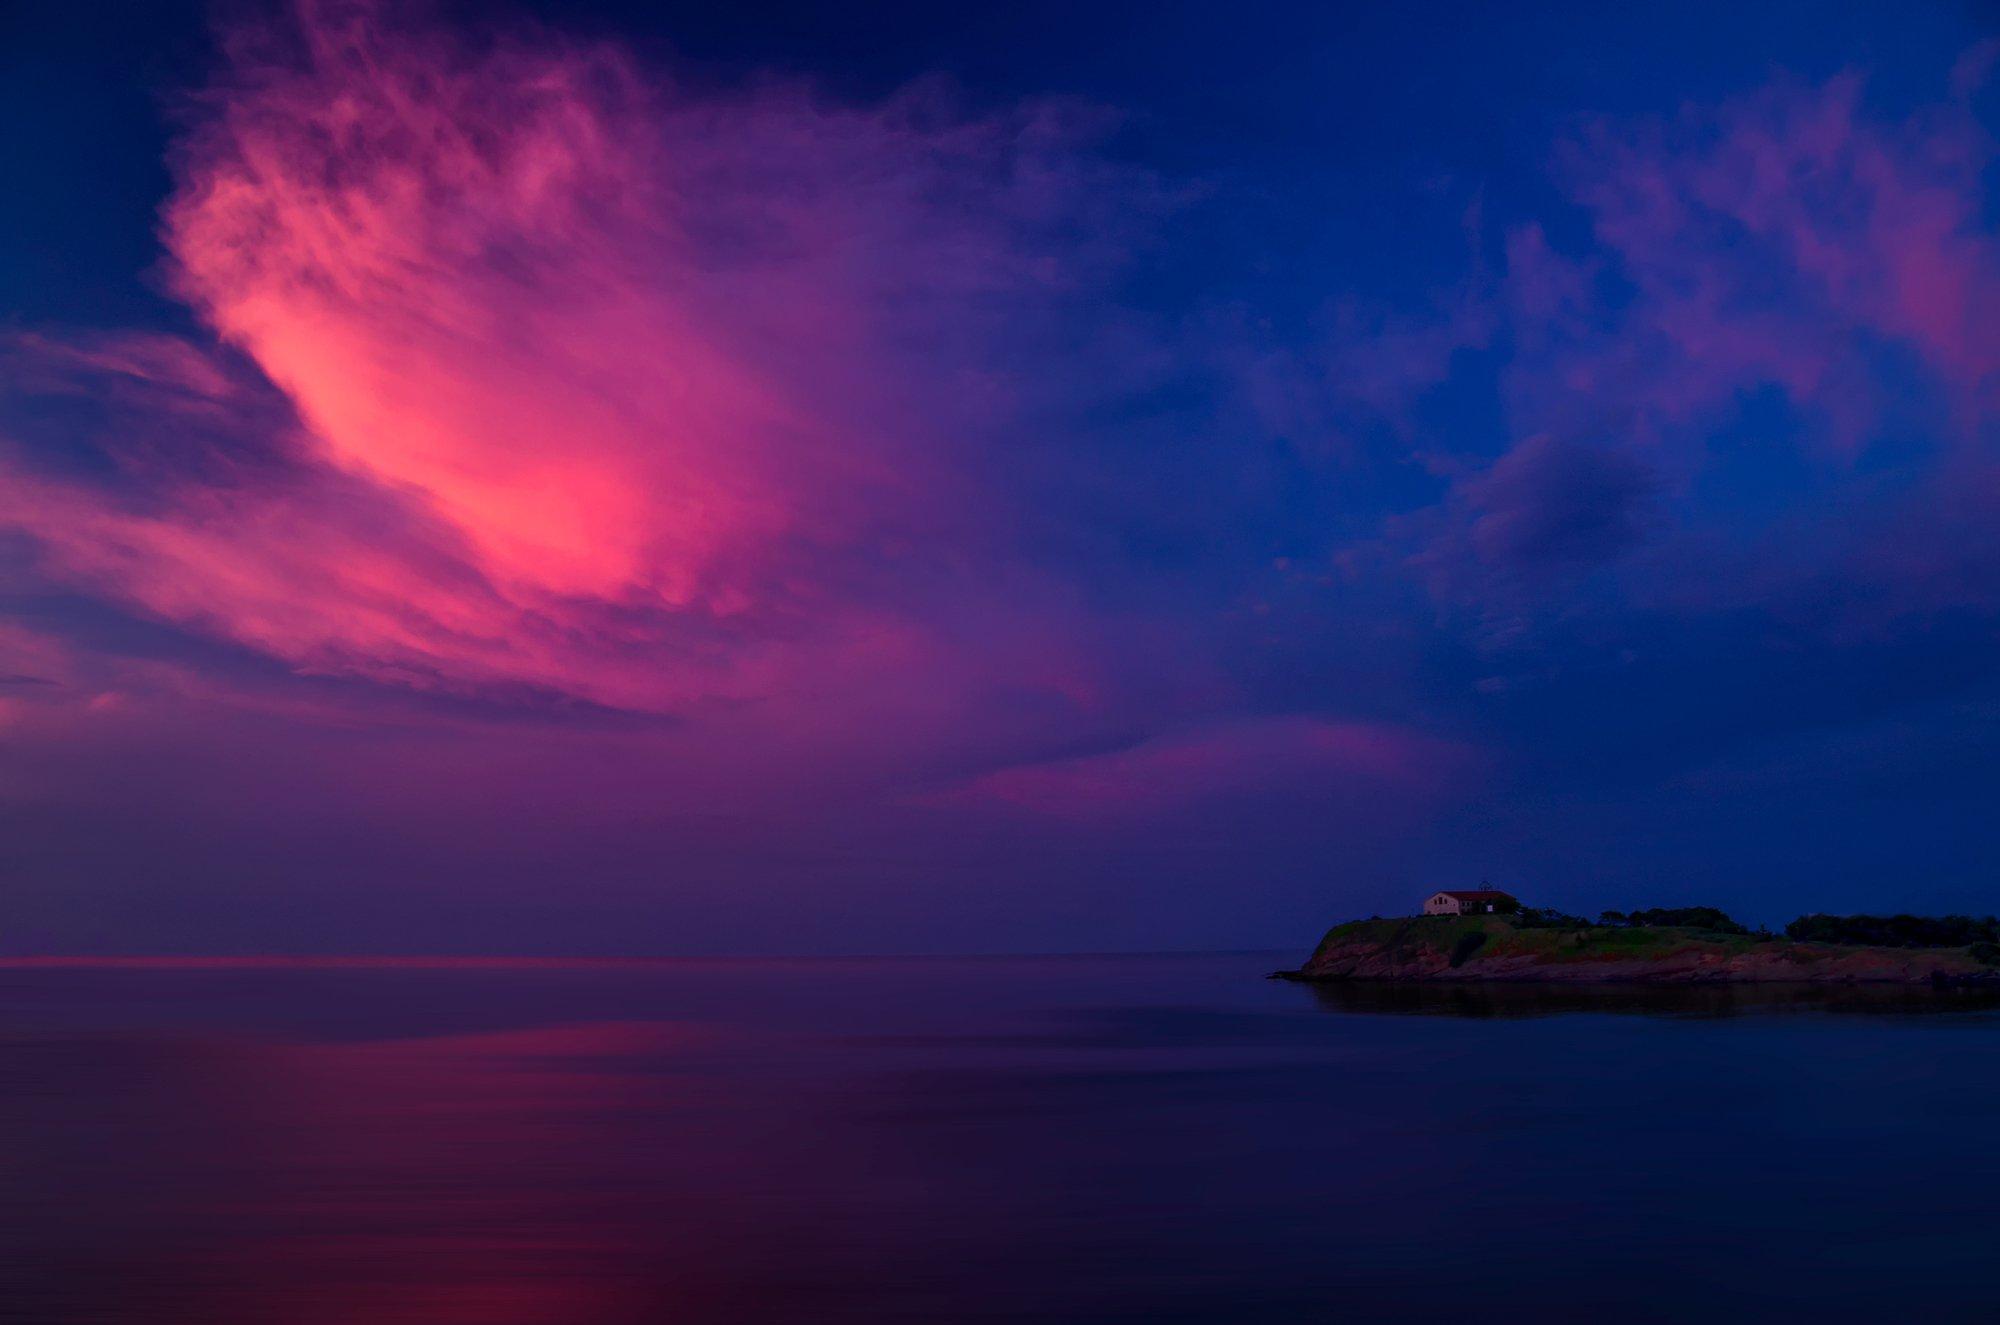 sunrise, cloud, church, prayer, sea, Demenzzi